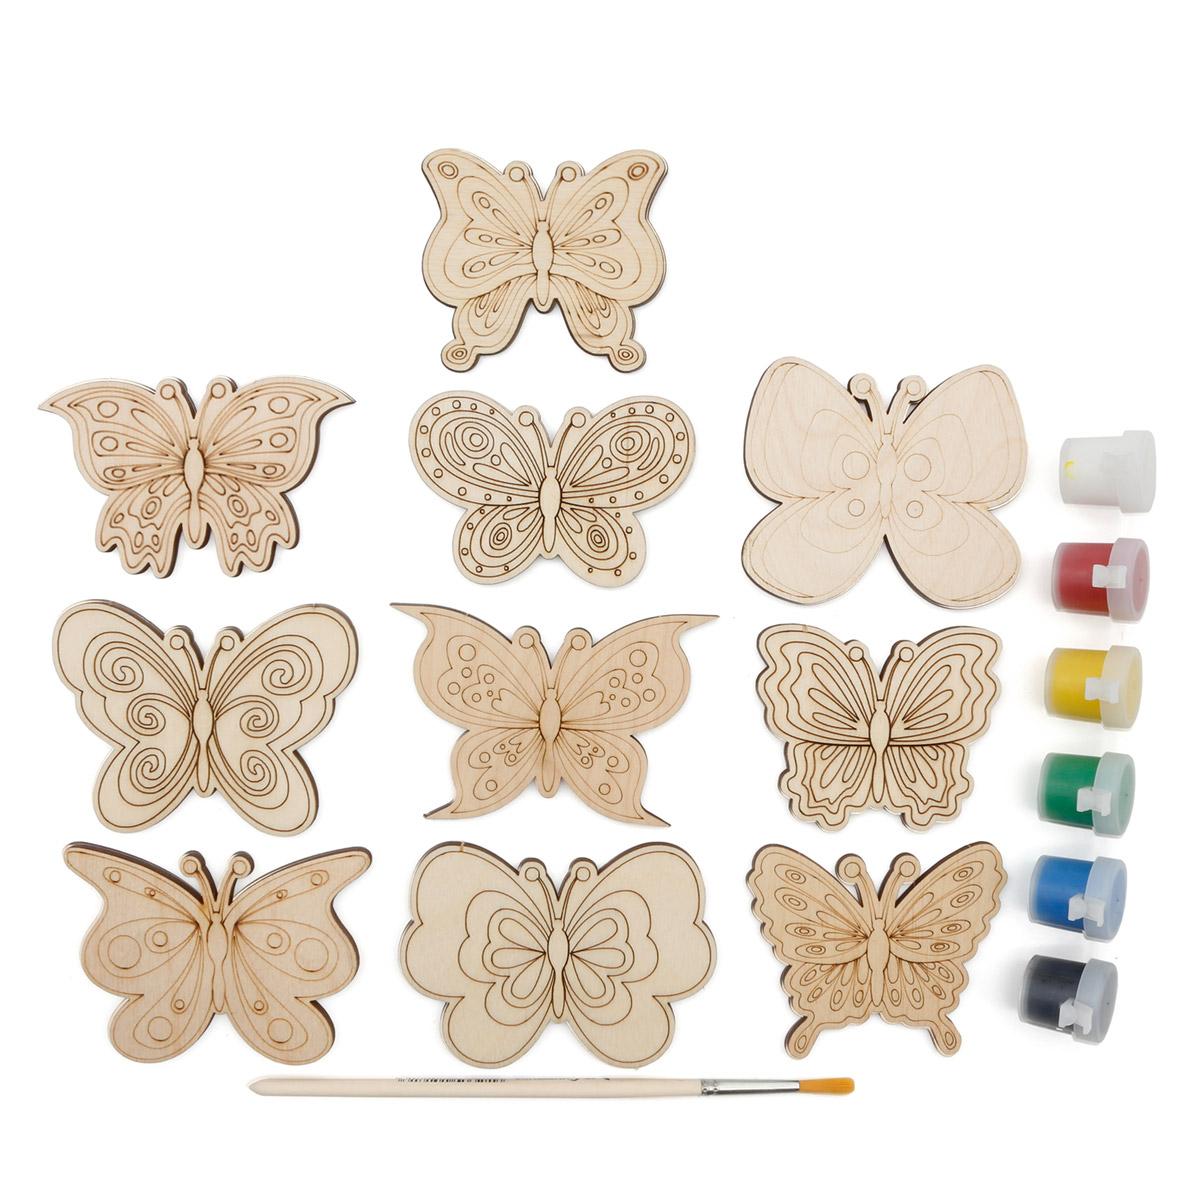 Набор для раскрашивания деревянных заготовок 'Бабочки'